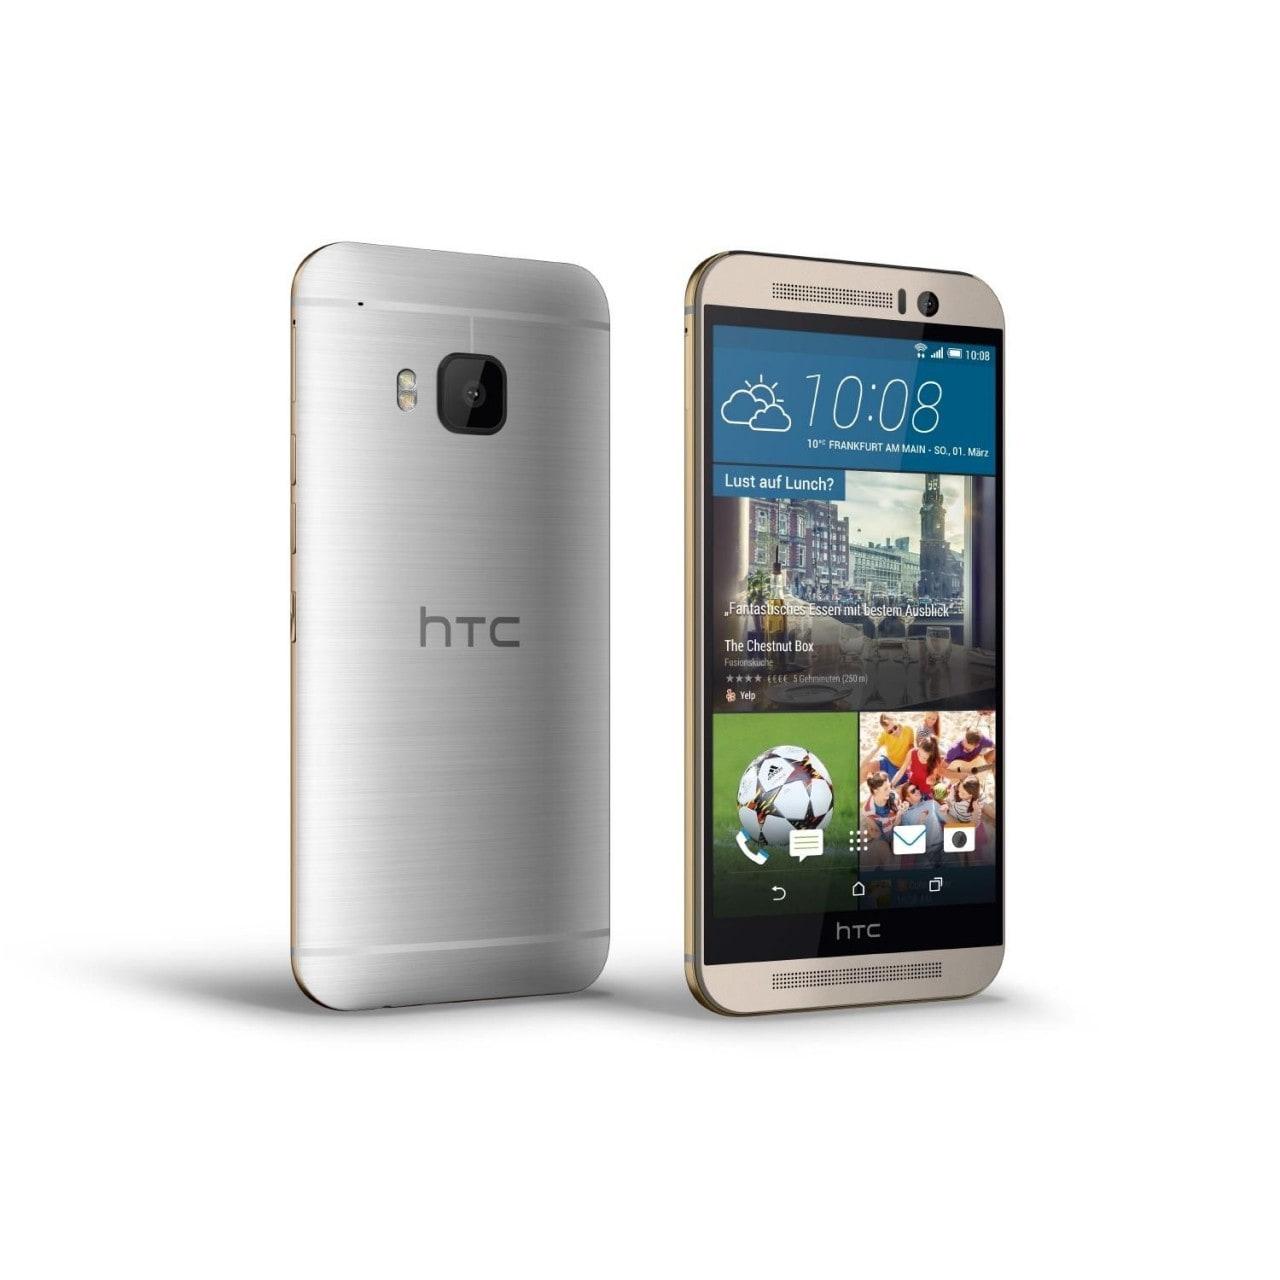 HTC One M9 ed M9 Plus: confermate tutte le specifiche e (purtroppo) i render (video)